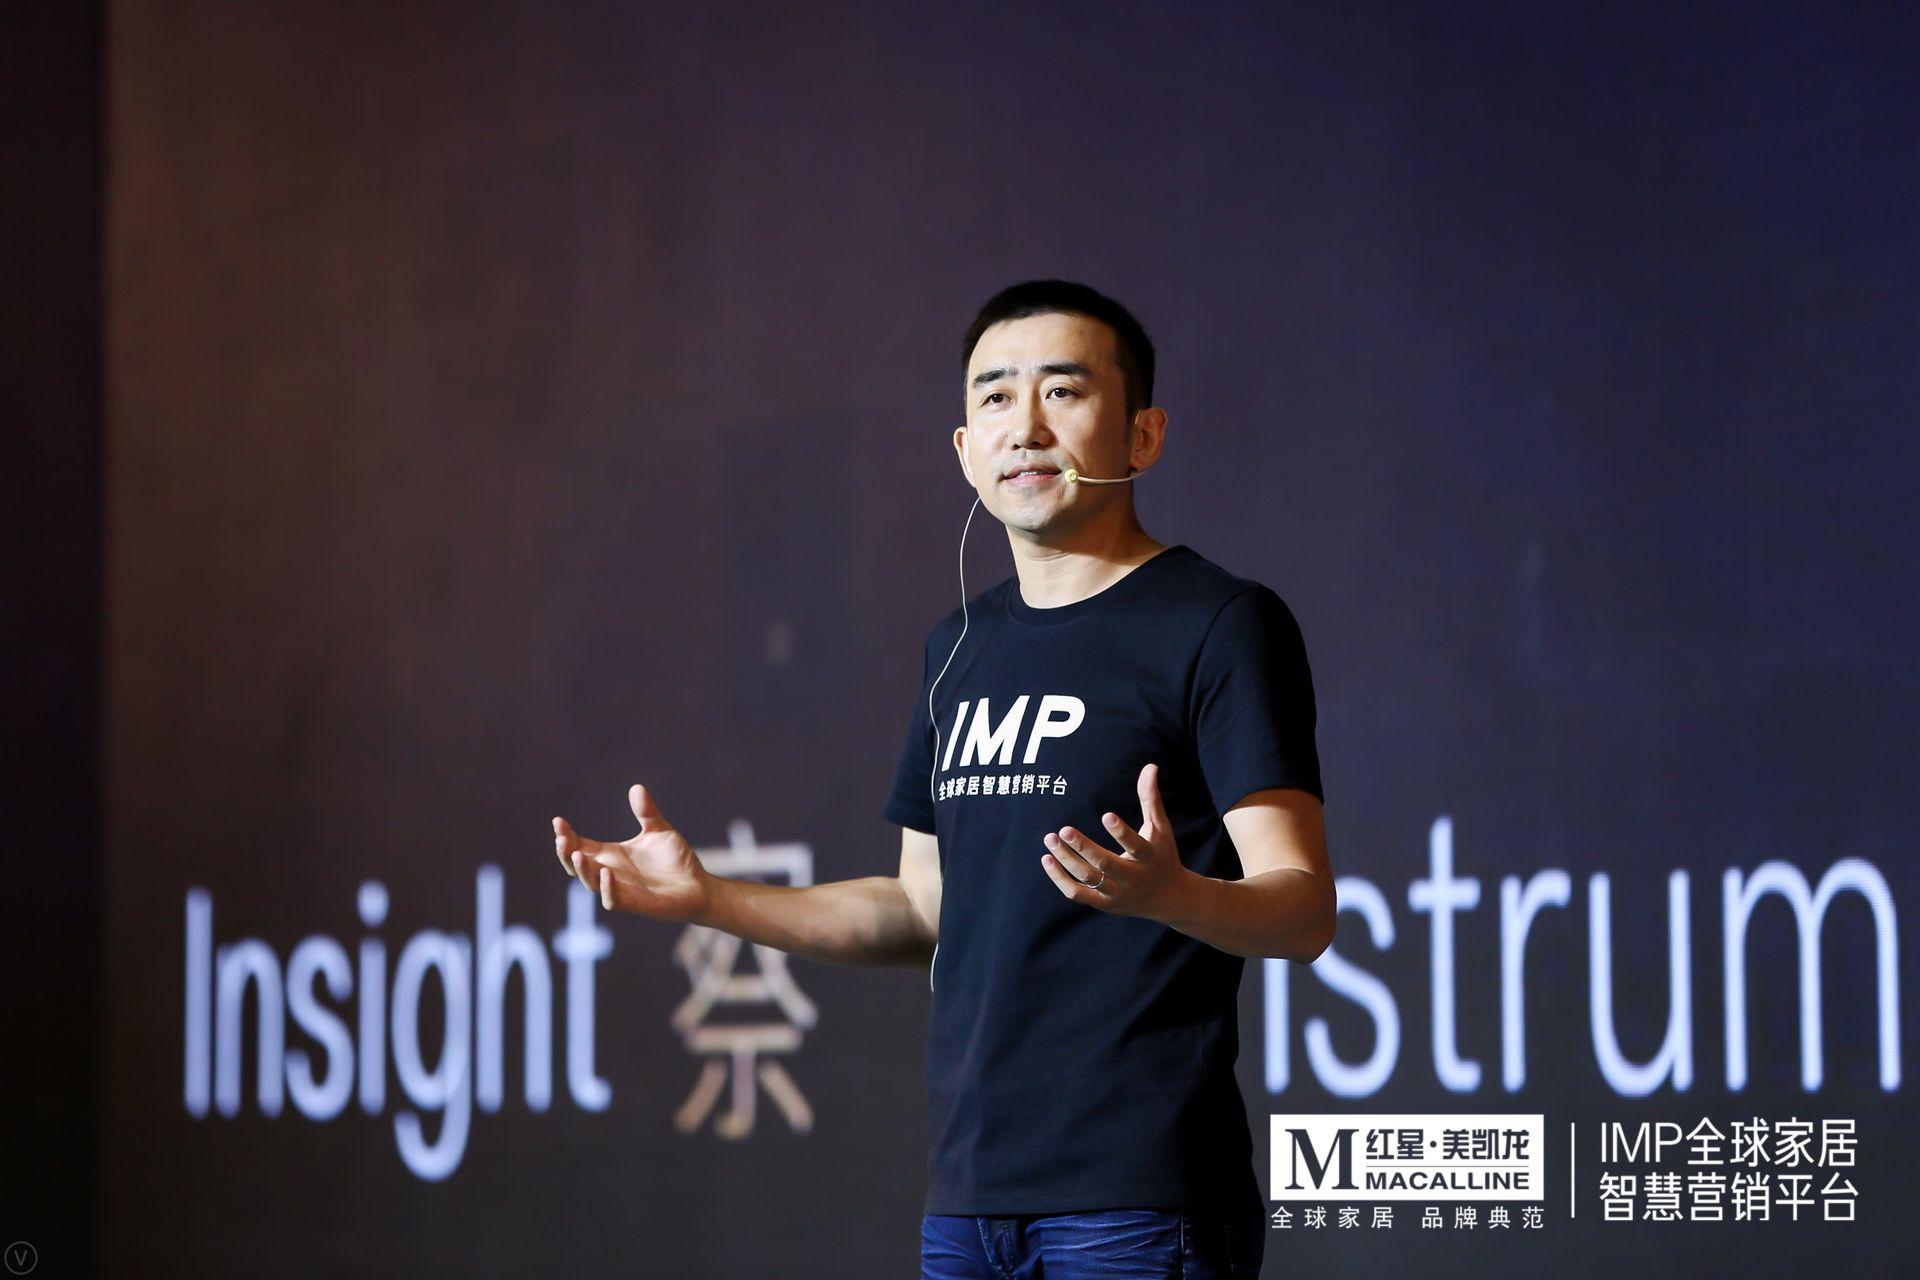 4.红星美凯龙家居集团助理总裁何兴华解读IMP平台.jpg